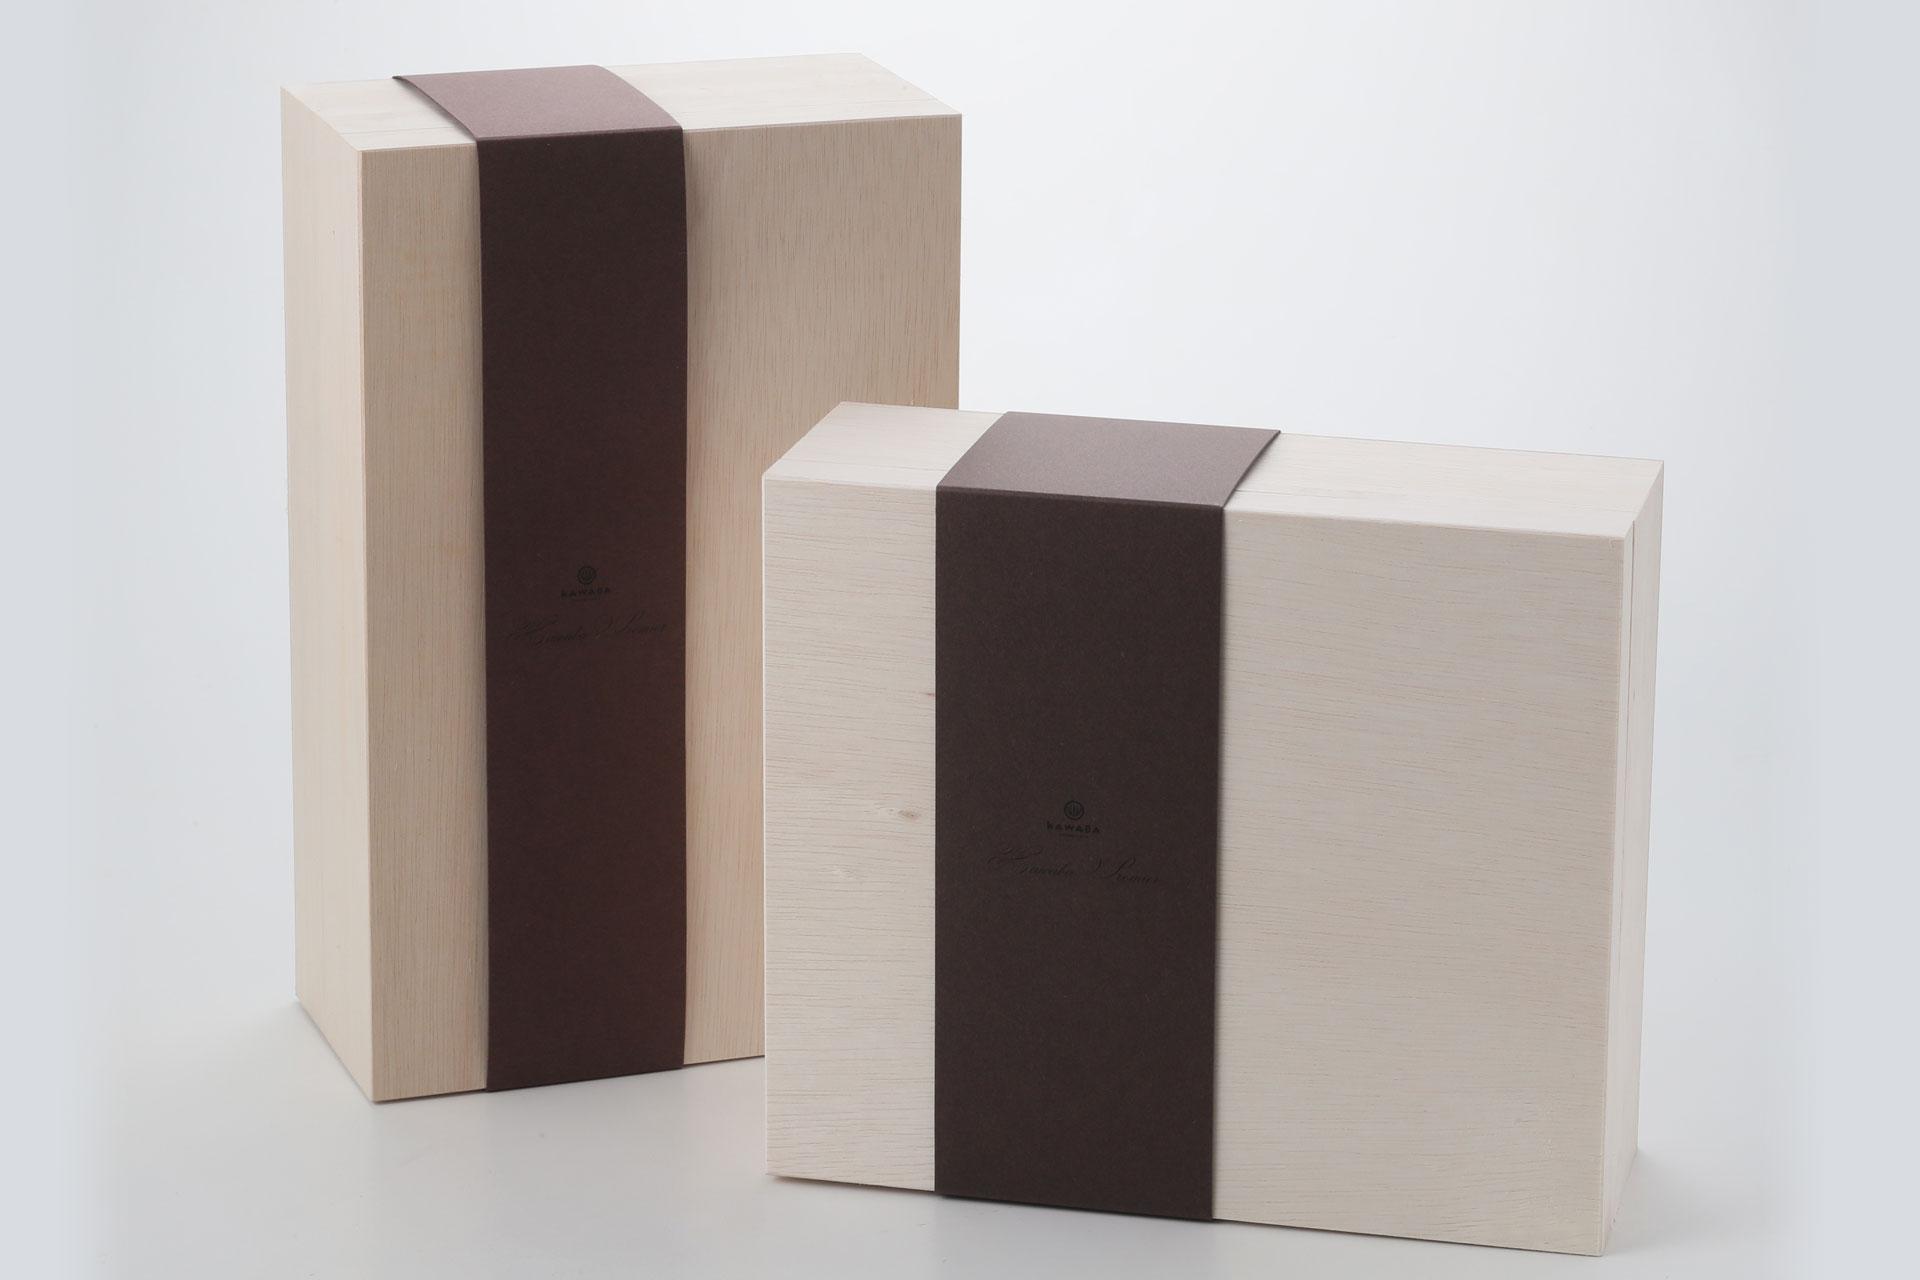 アップルパイ&KAWABA IPA 750mlの商品詳細イメージ-408